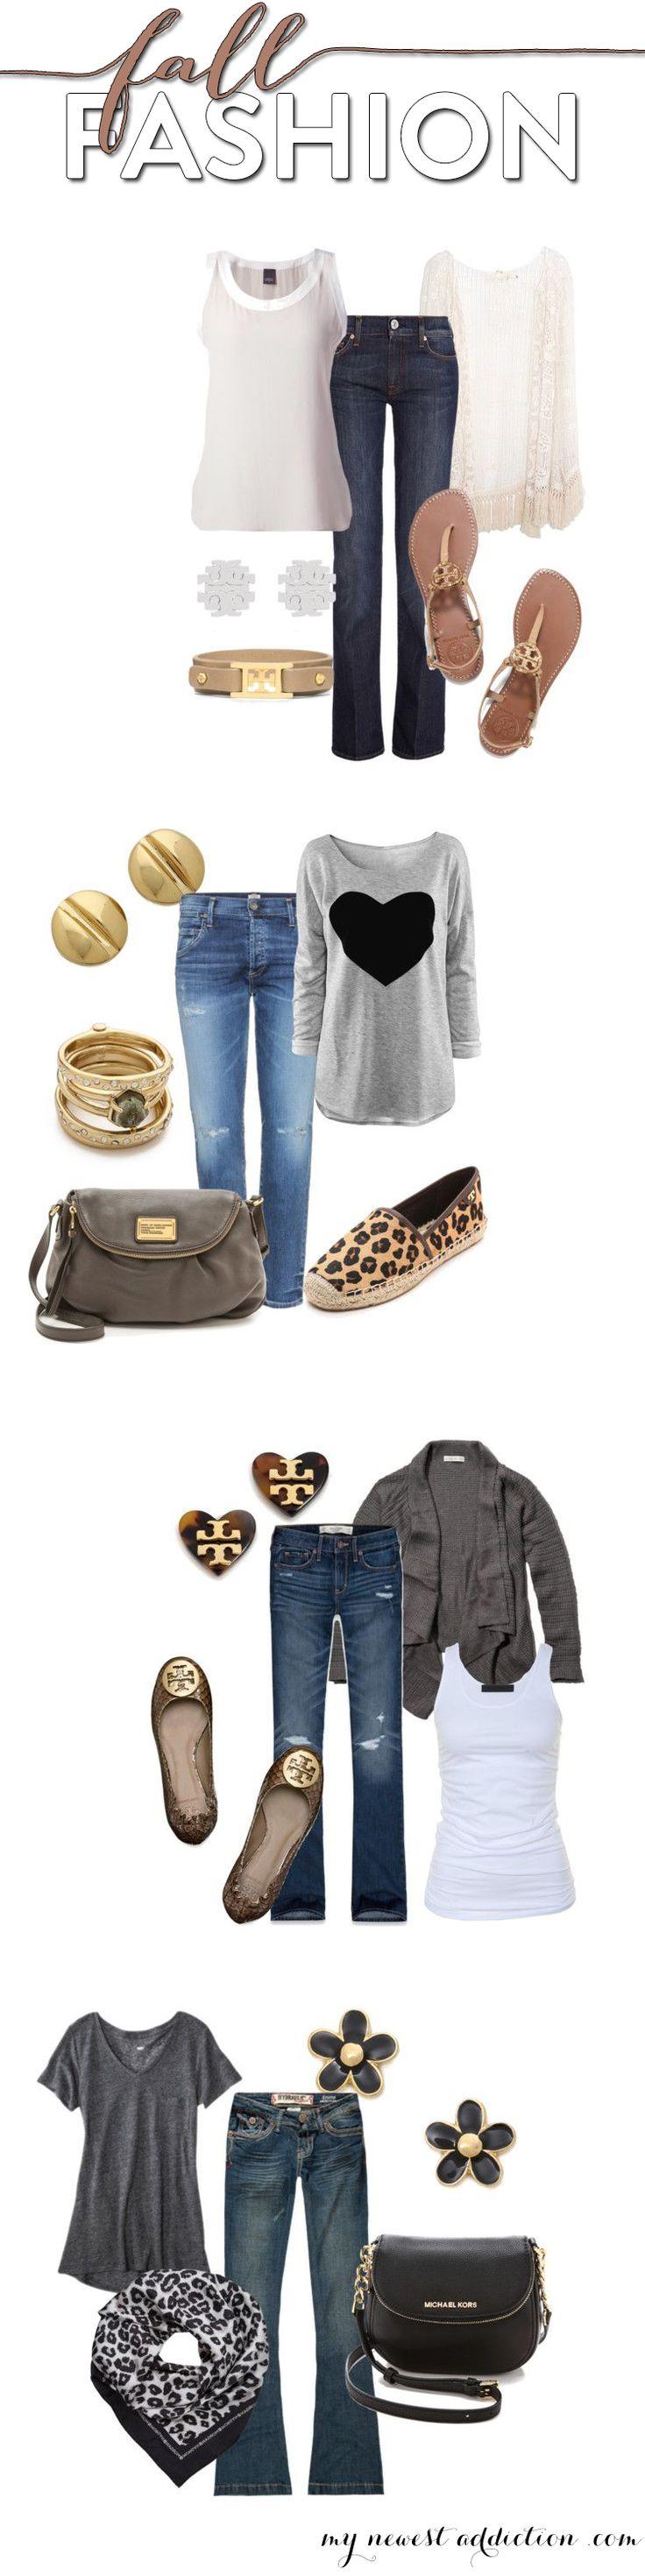 Fall 2014 Fashion | Casual - My Newest Addiction